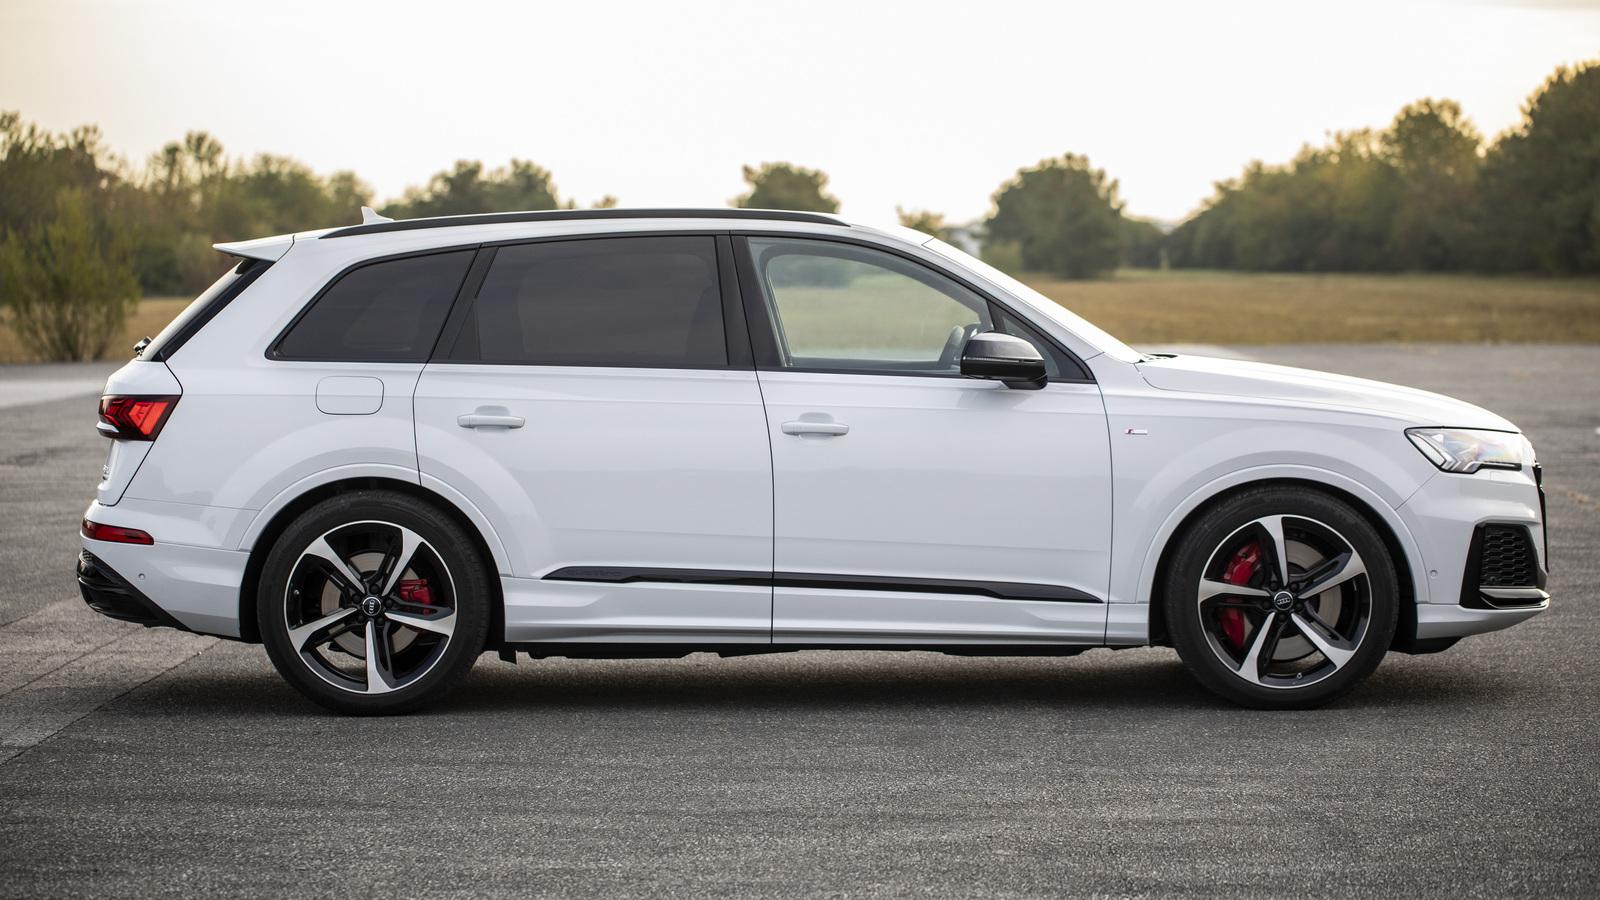 Представлен Audi Q7 с мизерным расходом в 3 л на 100 км. Как это возможно?